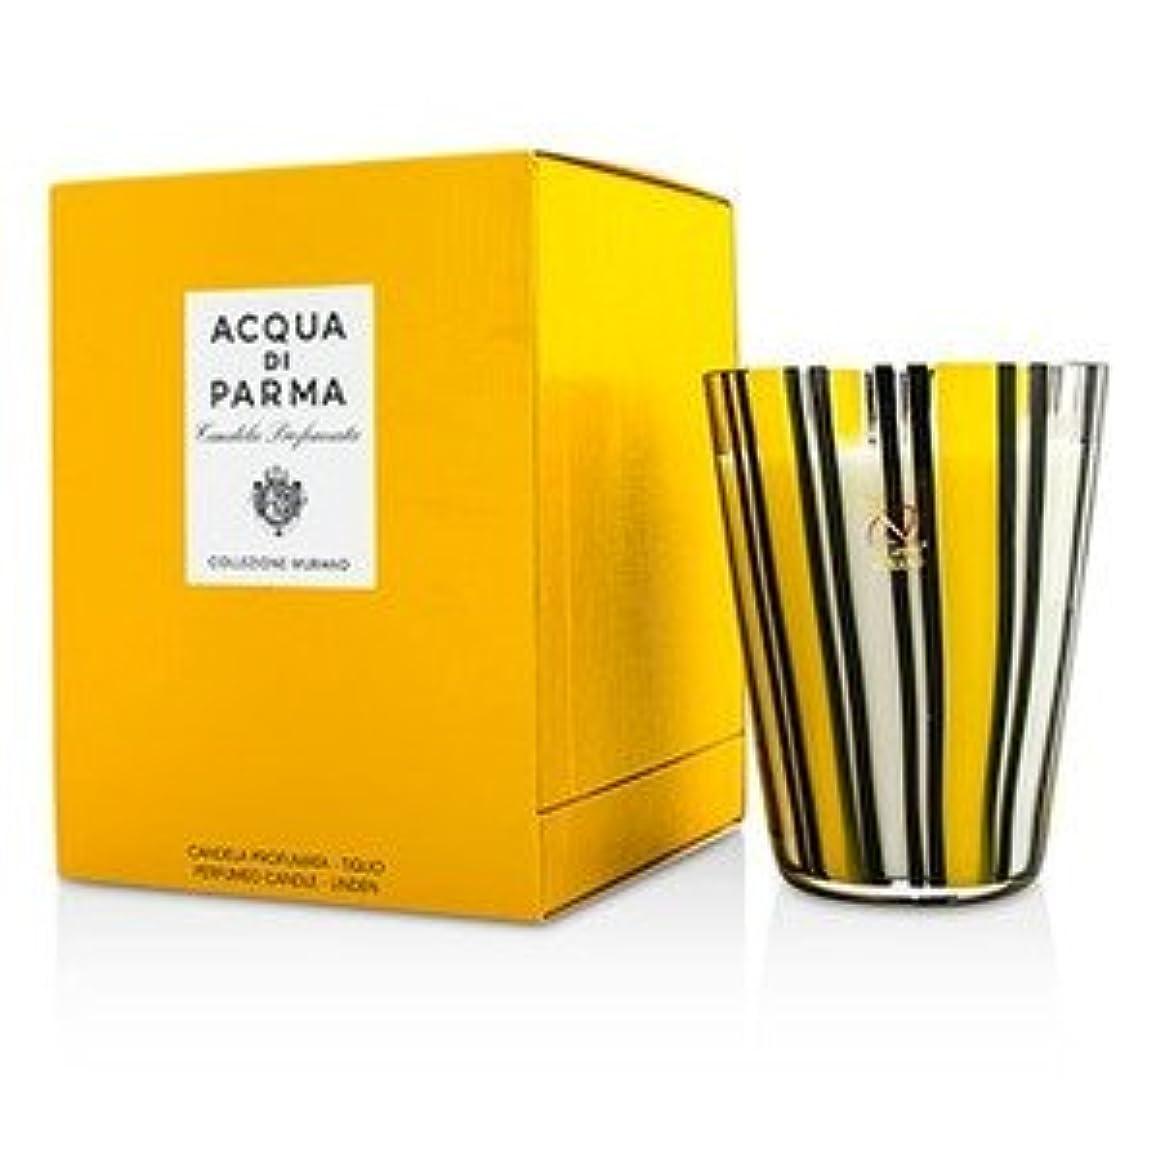 仲間自然浴アクア ディ パルマ[Acqua Di Parma] ムラノ グラス パフューム キャンドル - Tiglio(Linen) 200g/7.05oz [並行輸入品]